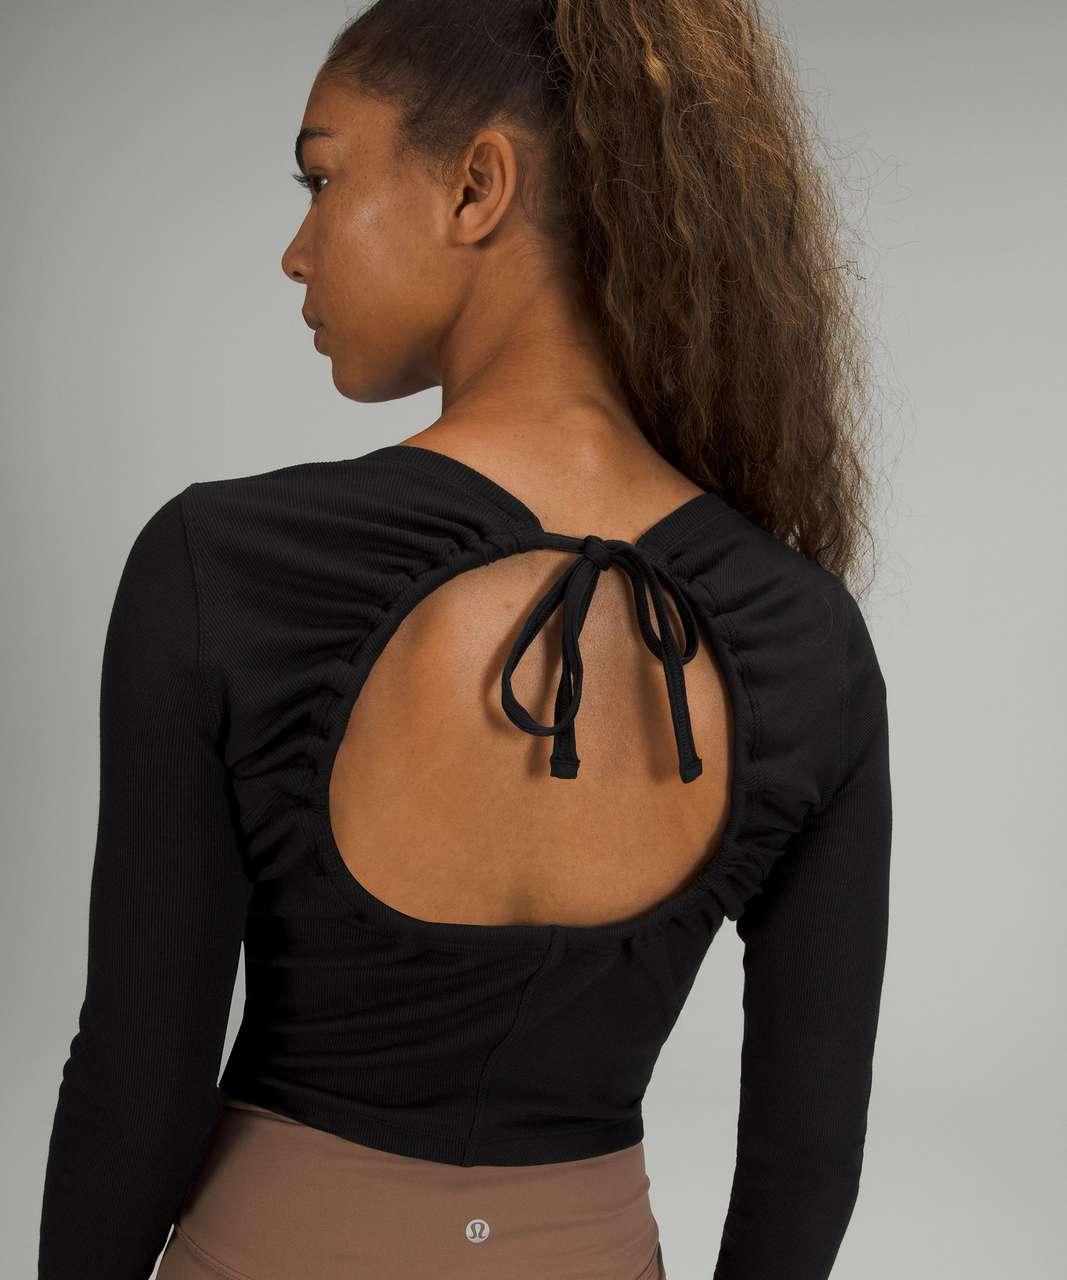 Lululemon Open Back Ribbed Long Sleeve Shirt - Black